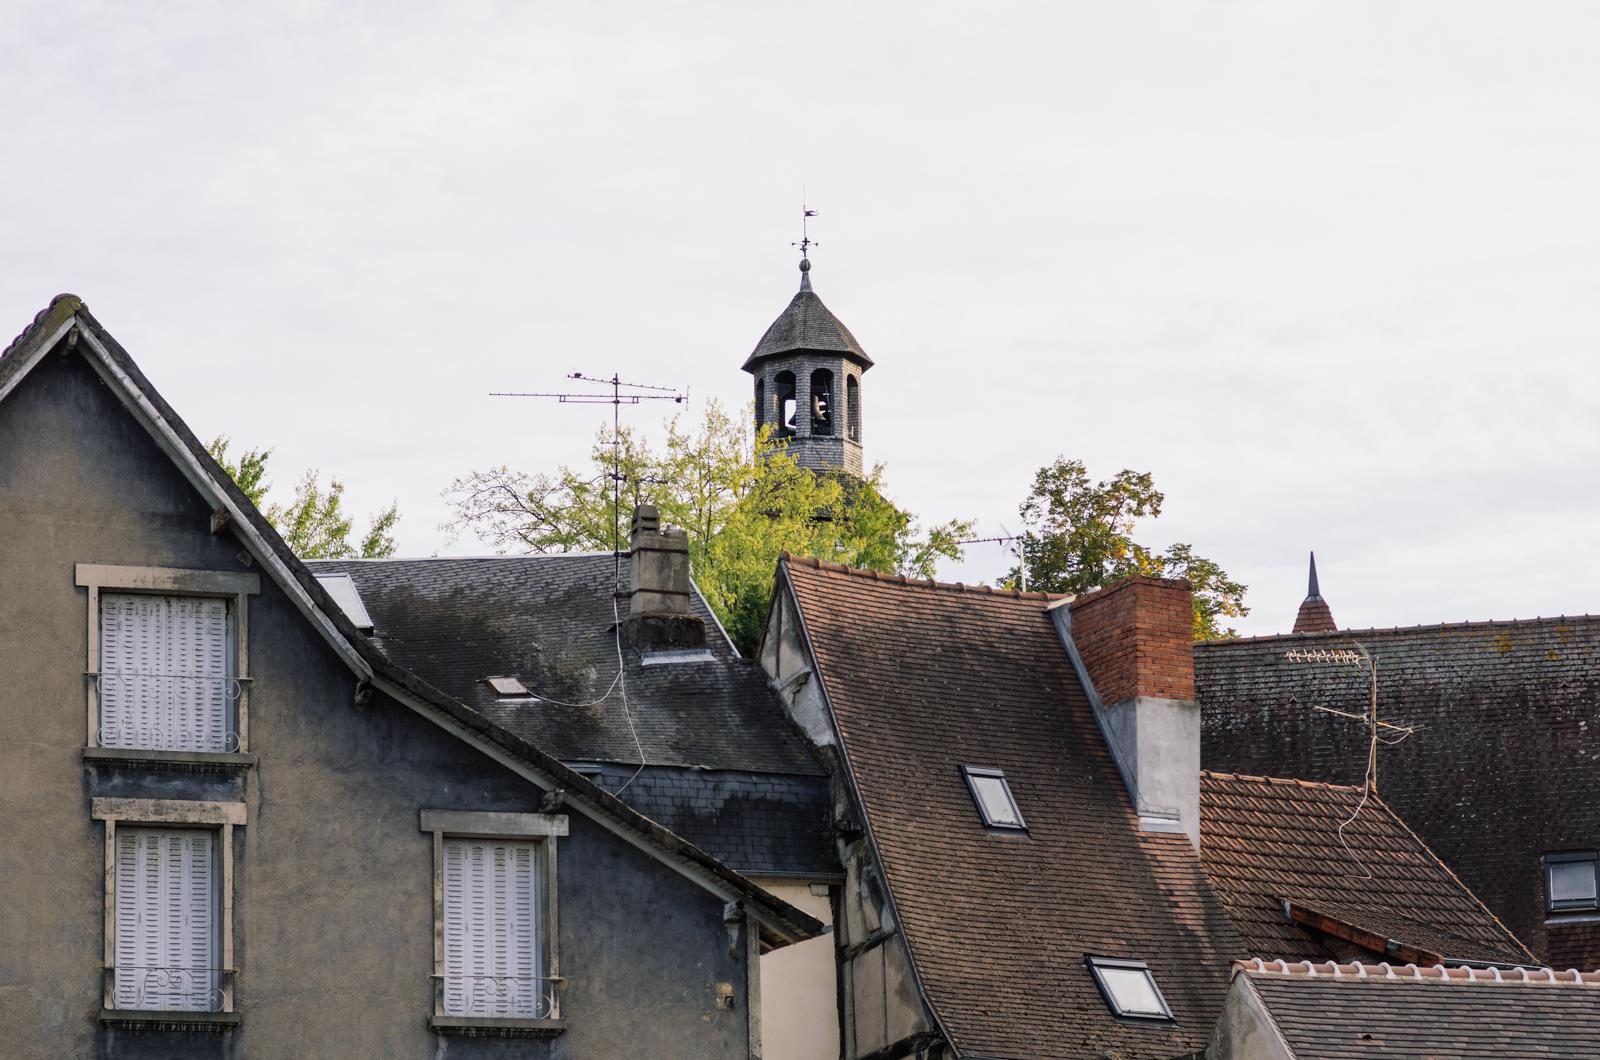 Dans l'Allier, des pagodes dans le bocage - carnet de voyage en France